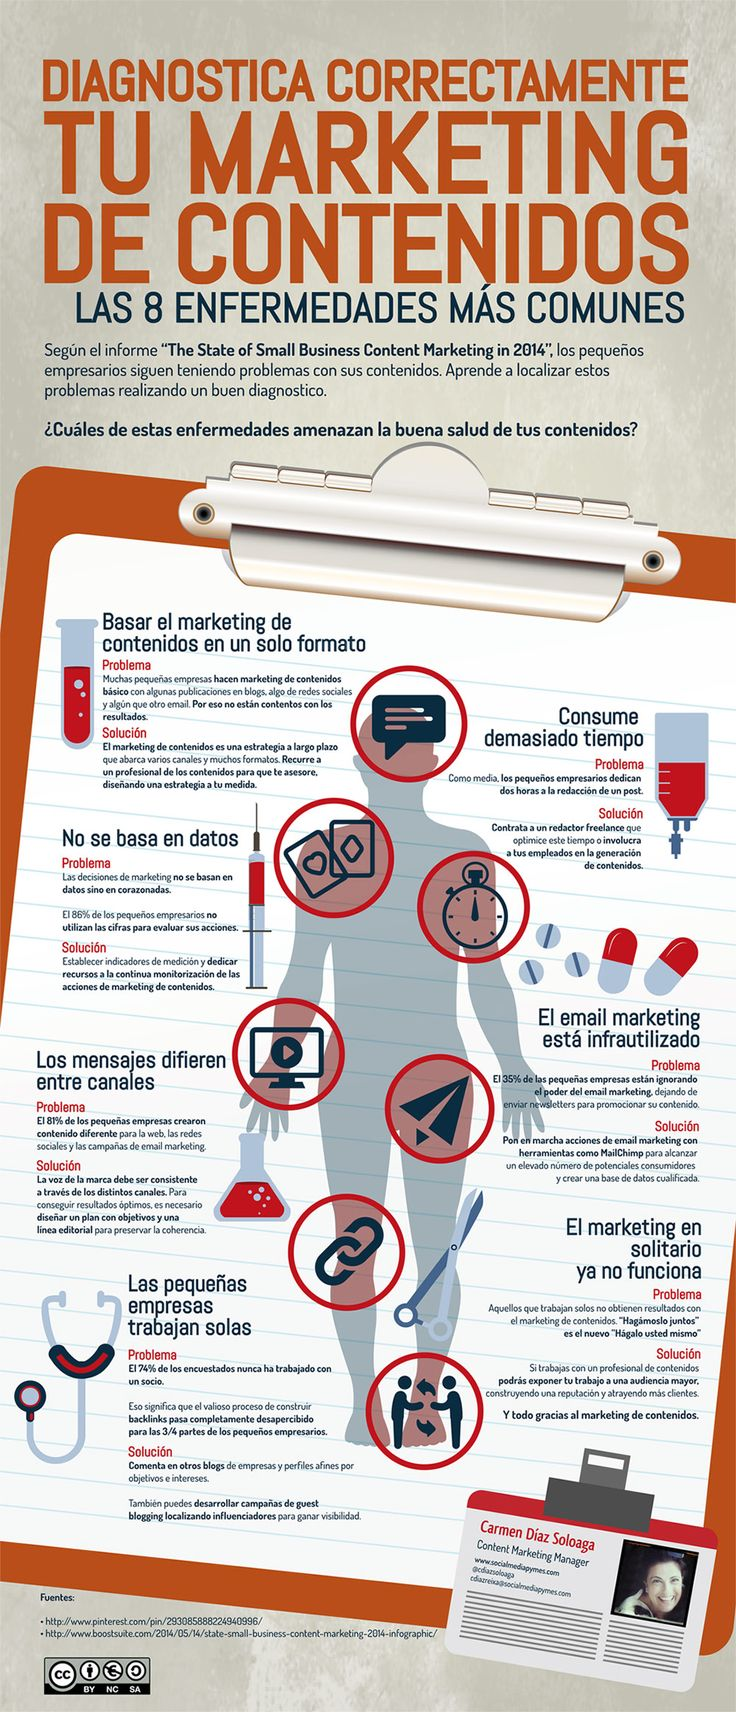 Las 7 enfermedades que amenazan la salud de tu Marketing de Contenidos. Infografía en español. #CommunityManager